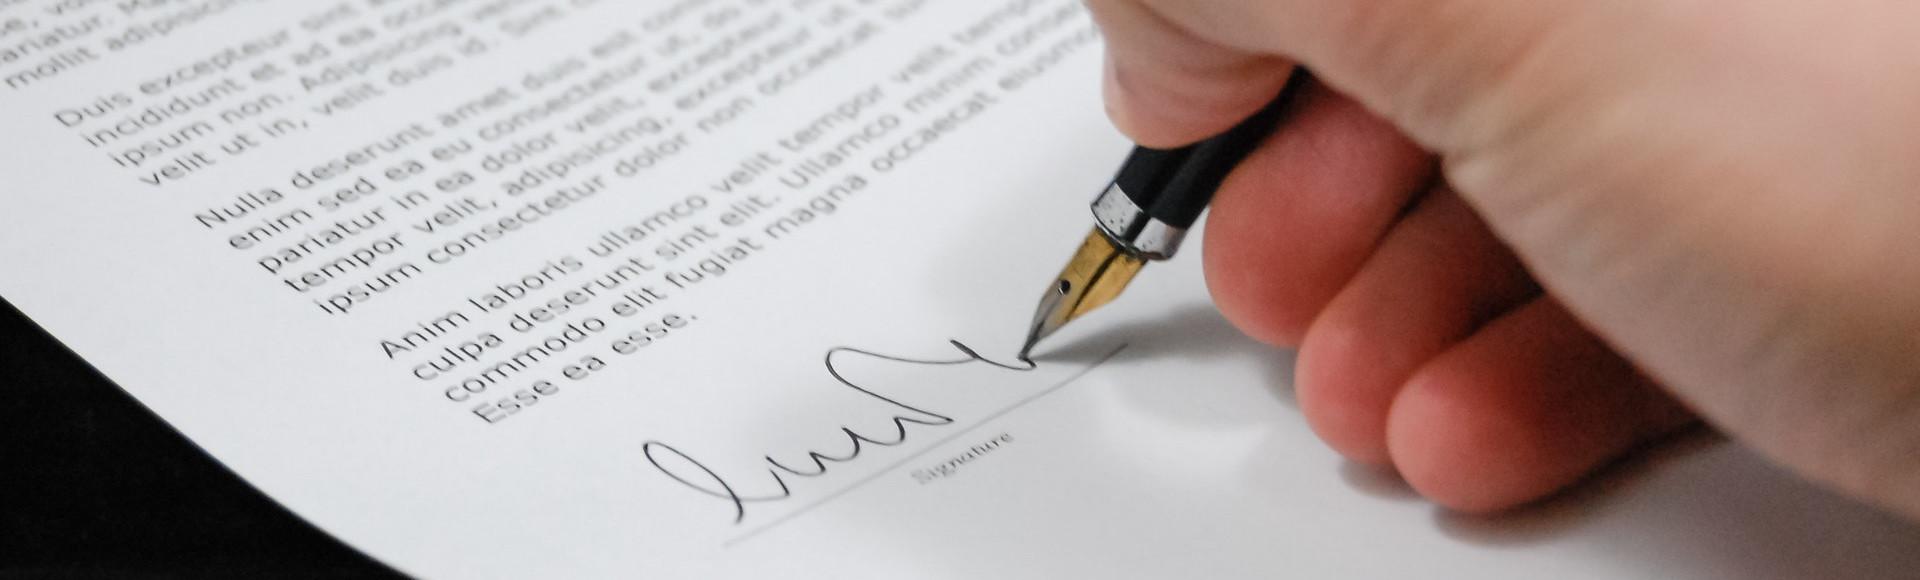 Większość osób, które podpisują taki dokument, nawet nie wie, co powinna zawierać umowa deweloperska.